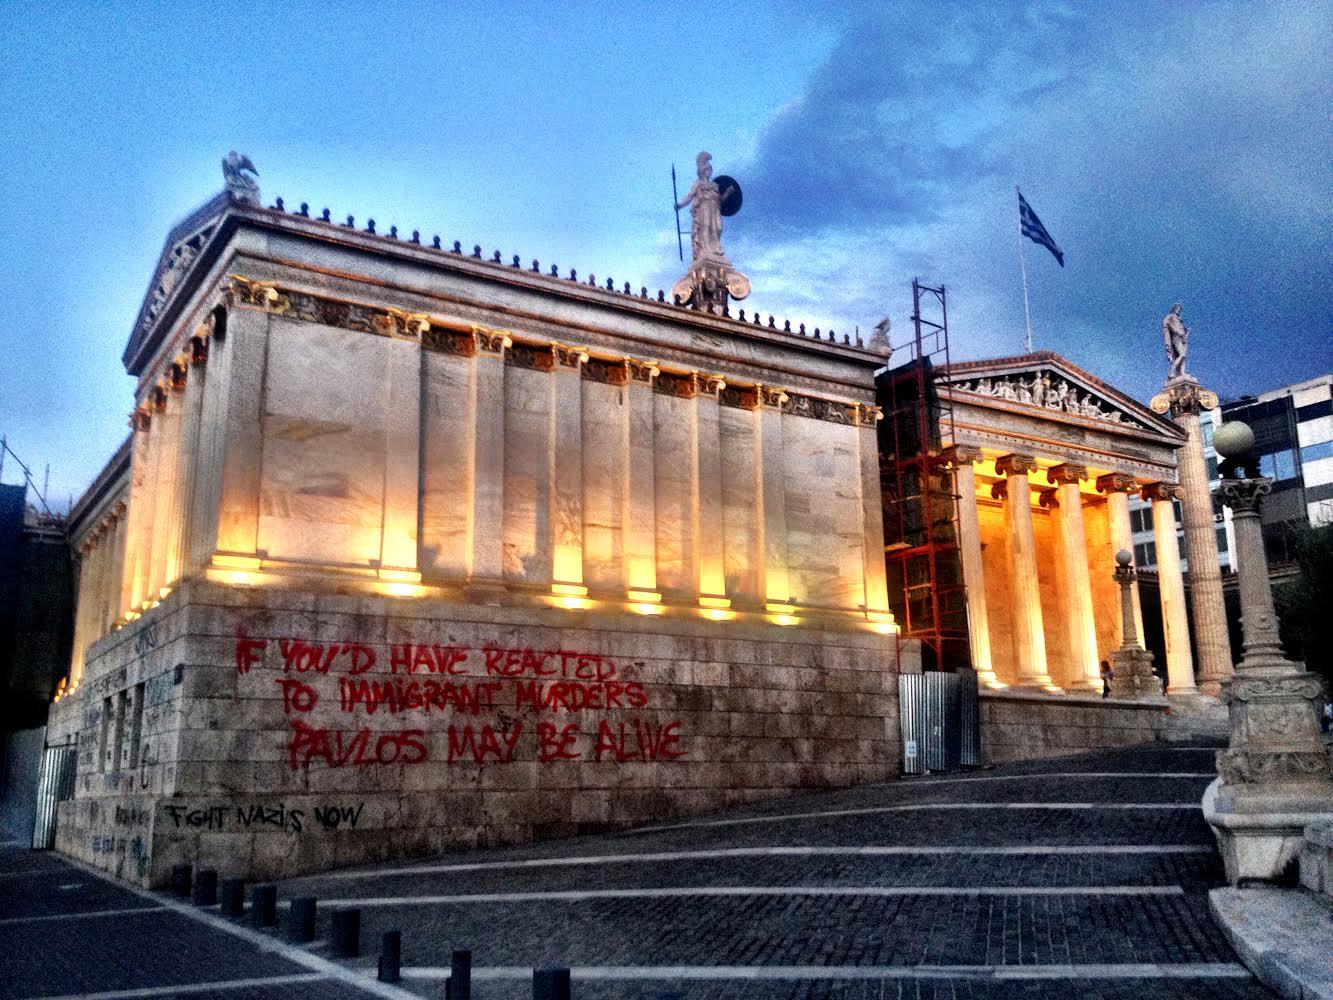 Ο Θανάσης Κ. εντοπίζει την ανοχή και την ανεκτικότητα τις αιτίες για την σημερινή ελληνική παθογένεια. Ανοχή και ανεκτικότητα σε κάθε προσπάθεια να αμφισβητηθεί το Έθνος, η Ιστορία, η παράδοση, η αισθητική, για να υπάρξει, υποτίθεται, εθνική συμφιλίωση. new deal